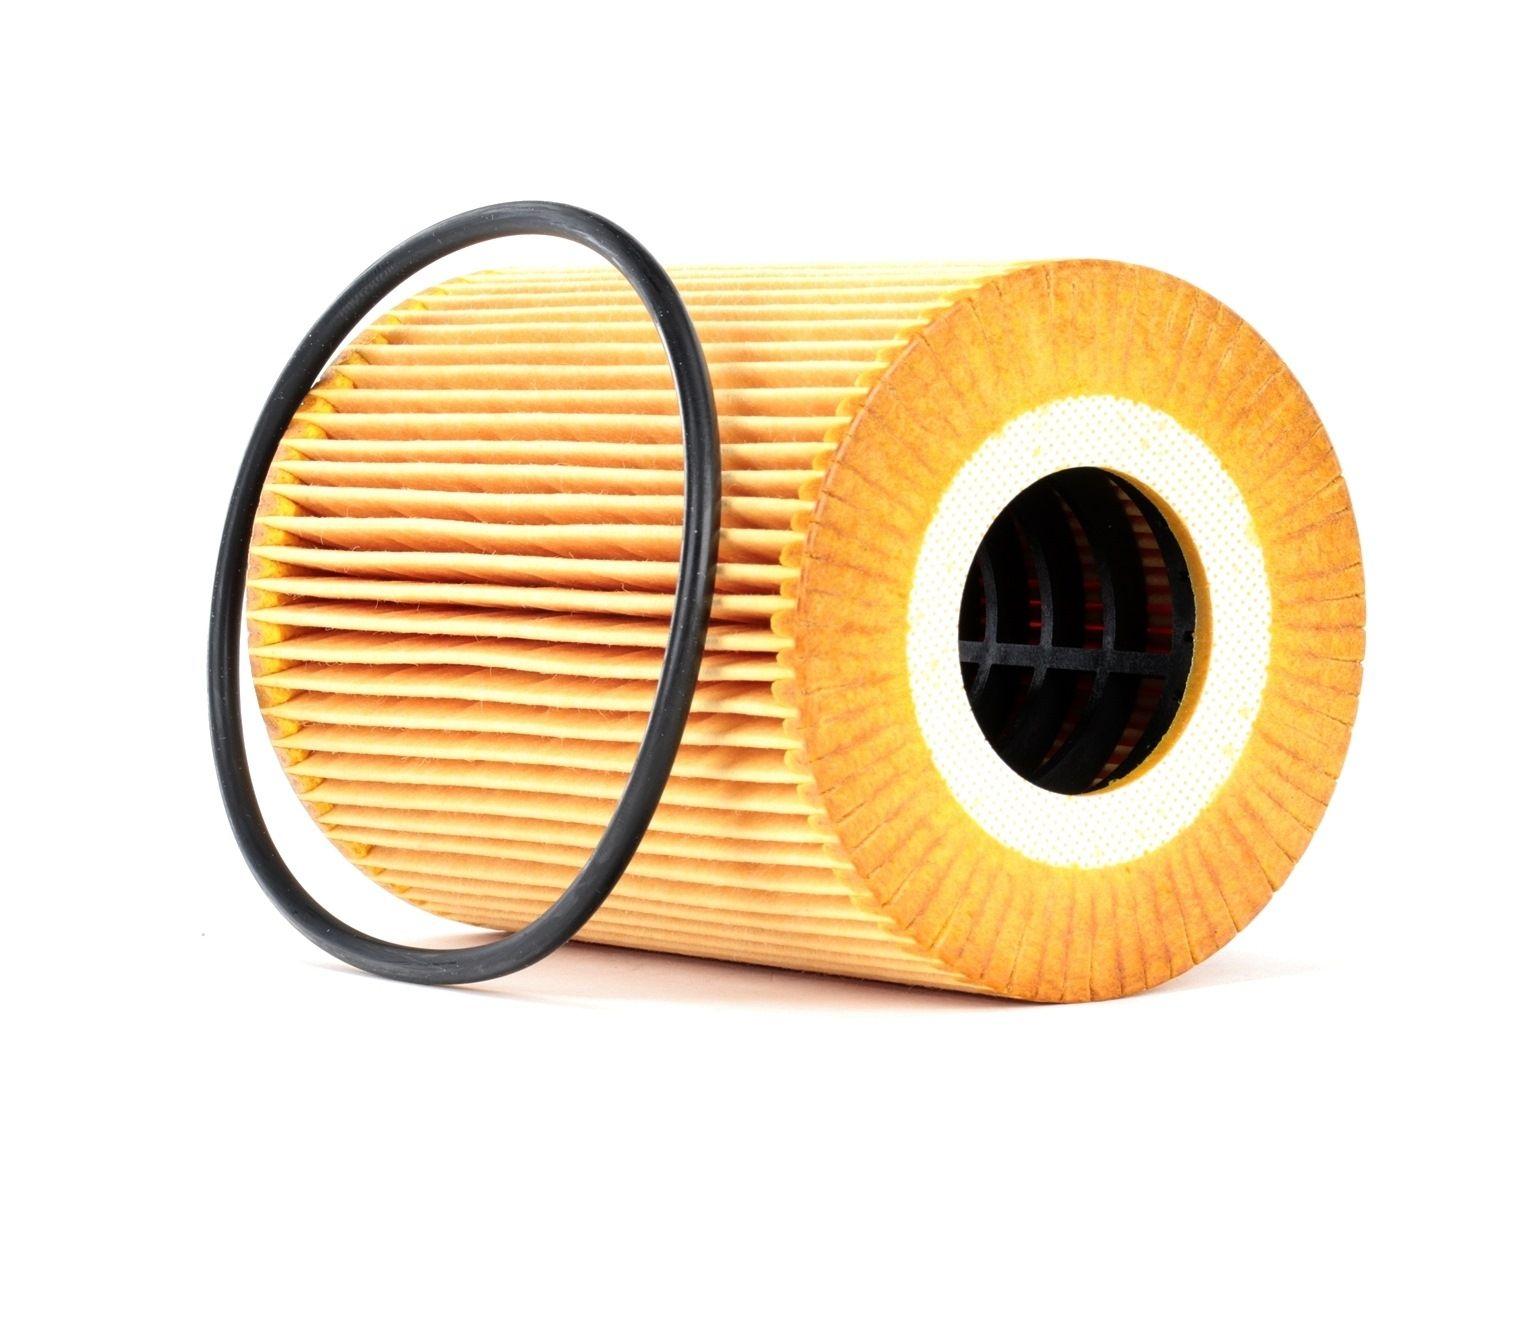 PORSCHE 718 2021 Motorölfilter - Original MANN-FILTER HU 9001 x Innendurchmesser: 36mm, Innendurchmesser 2: 36mm, Ø: 81mm, Höhe: 108mm